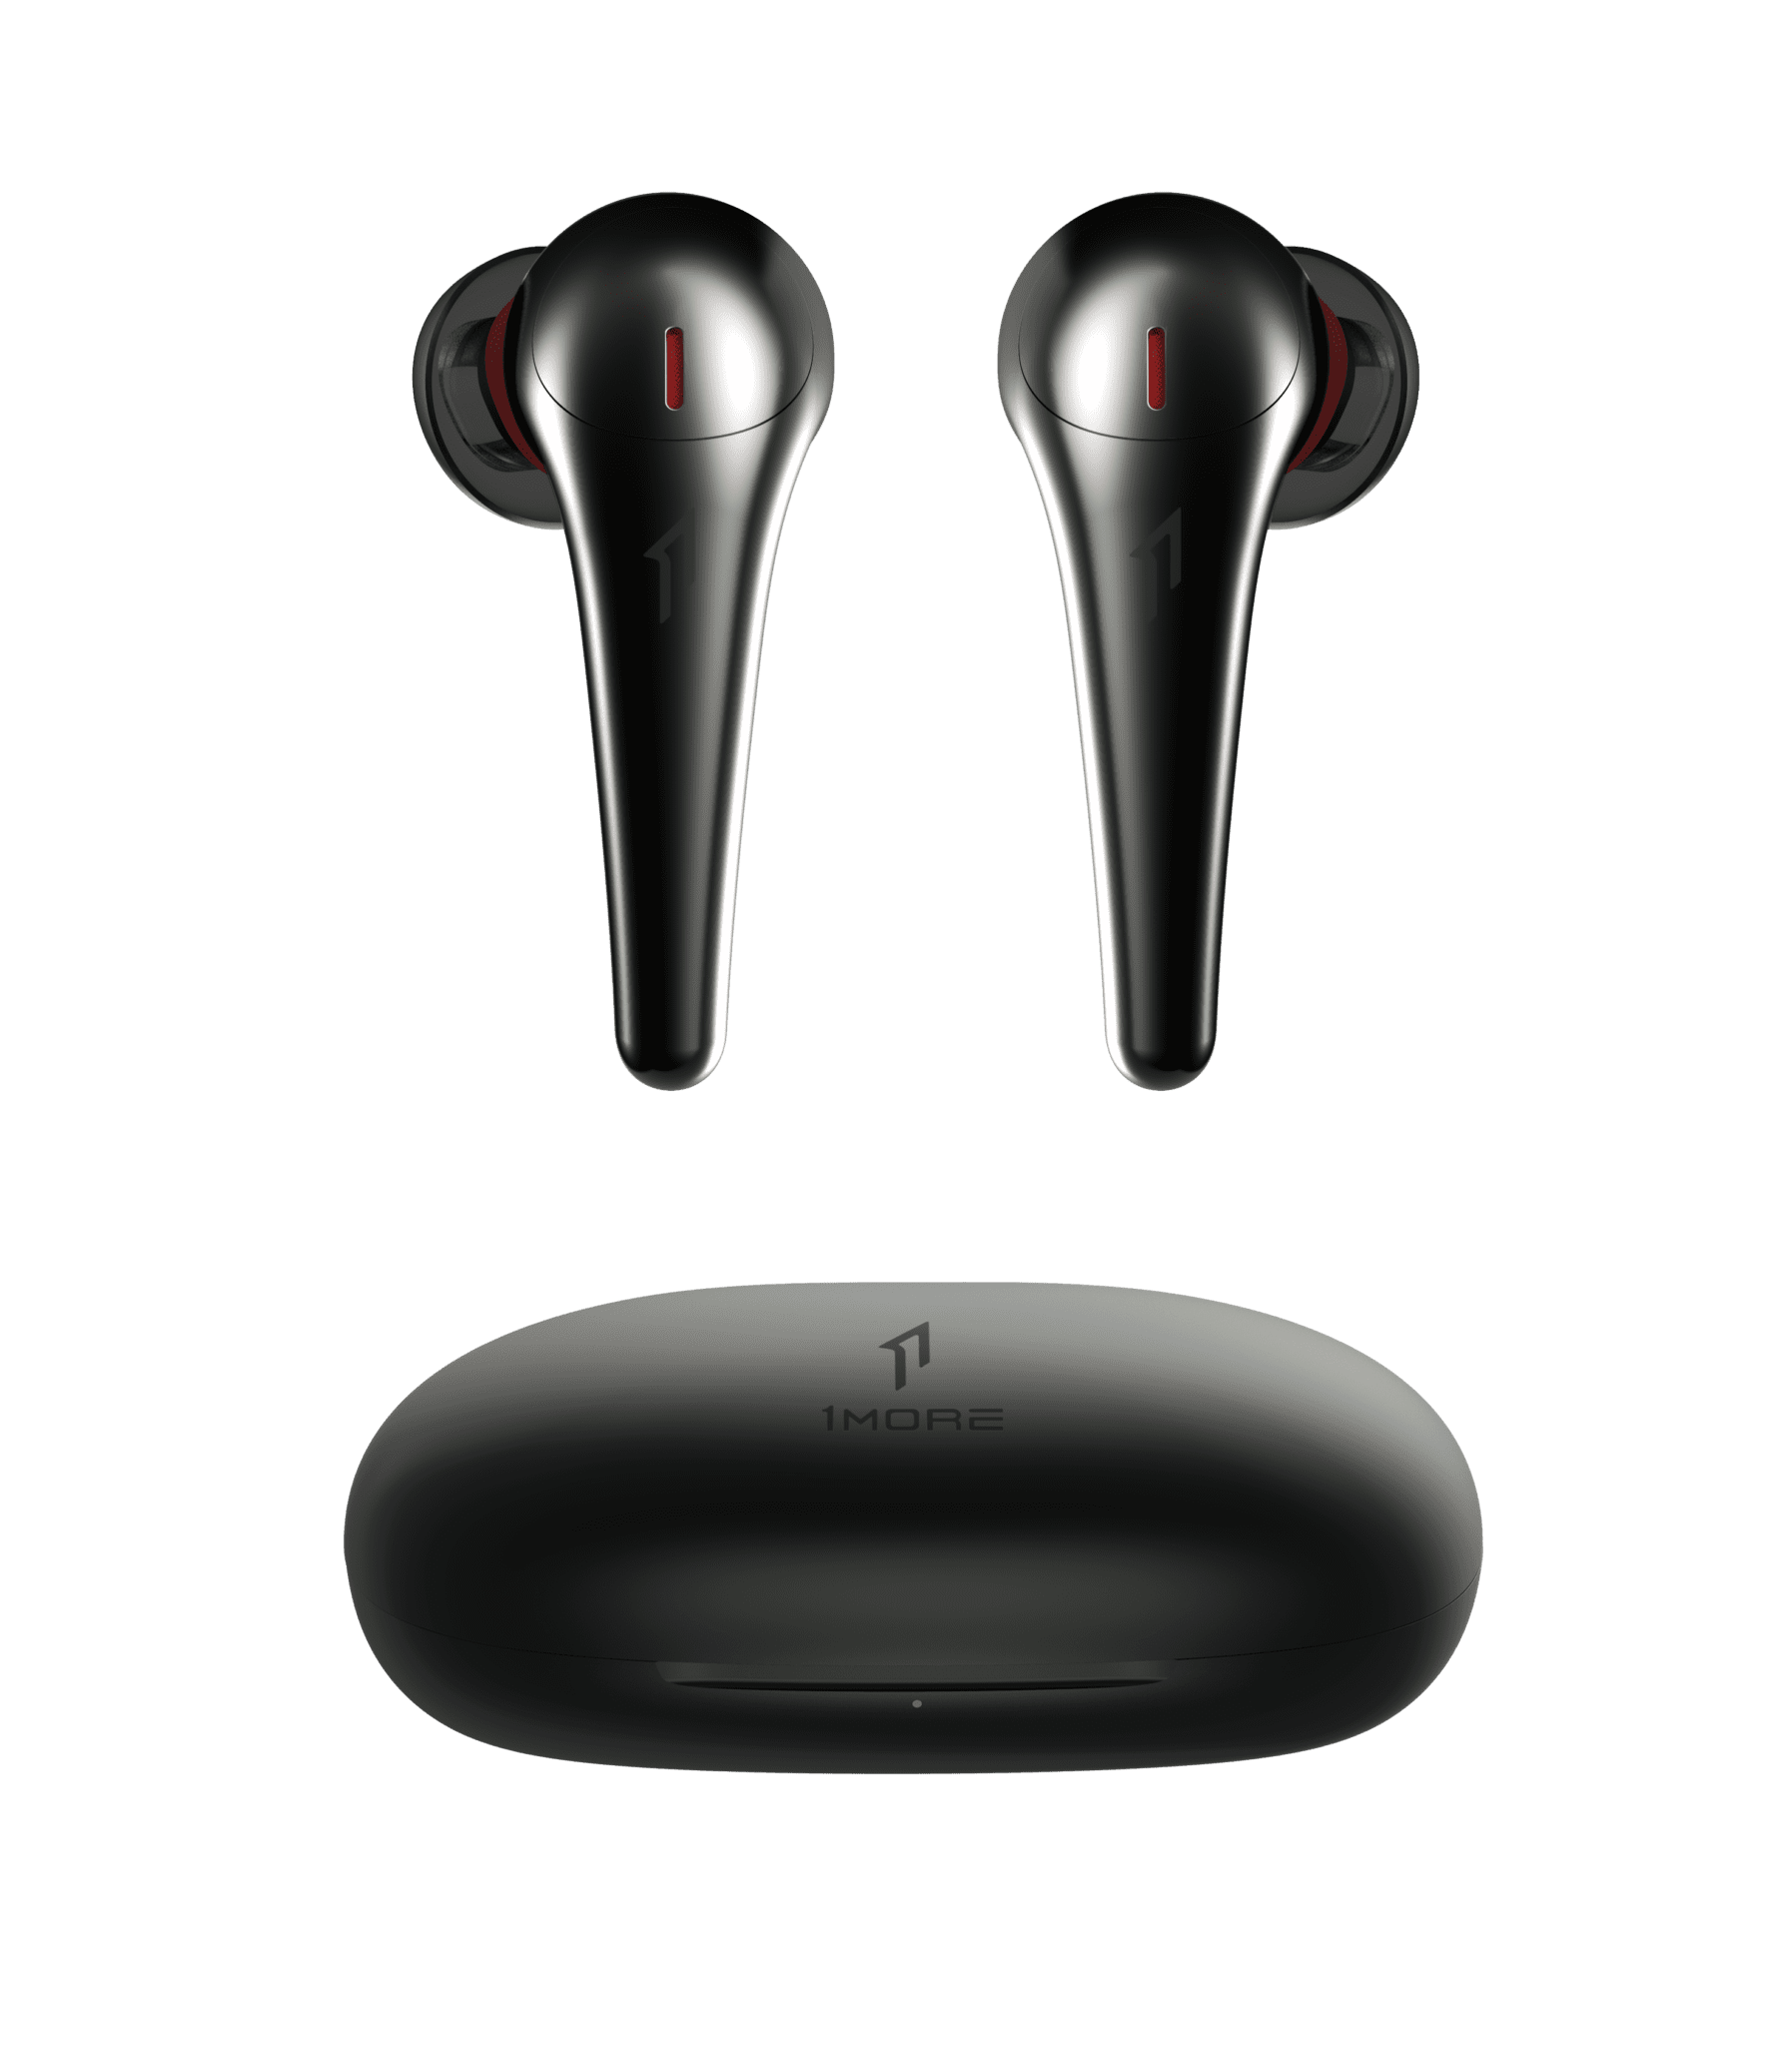 אוזניות 1More ComfoBuds Pro